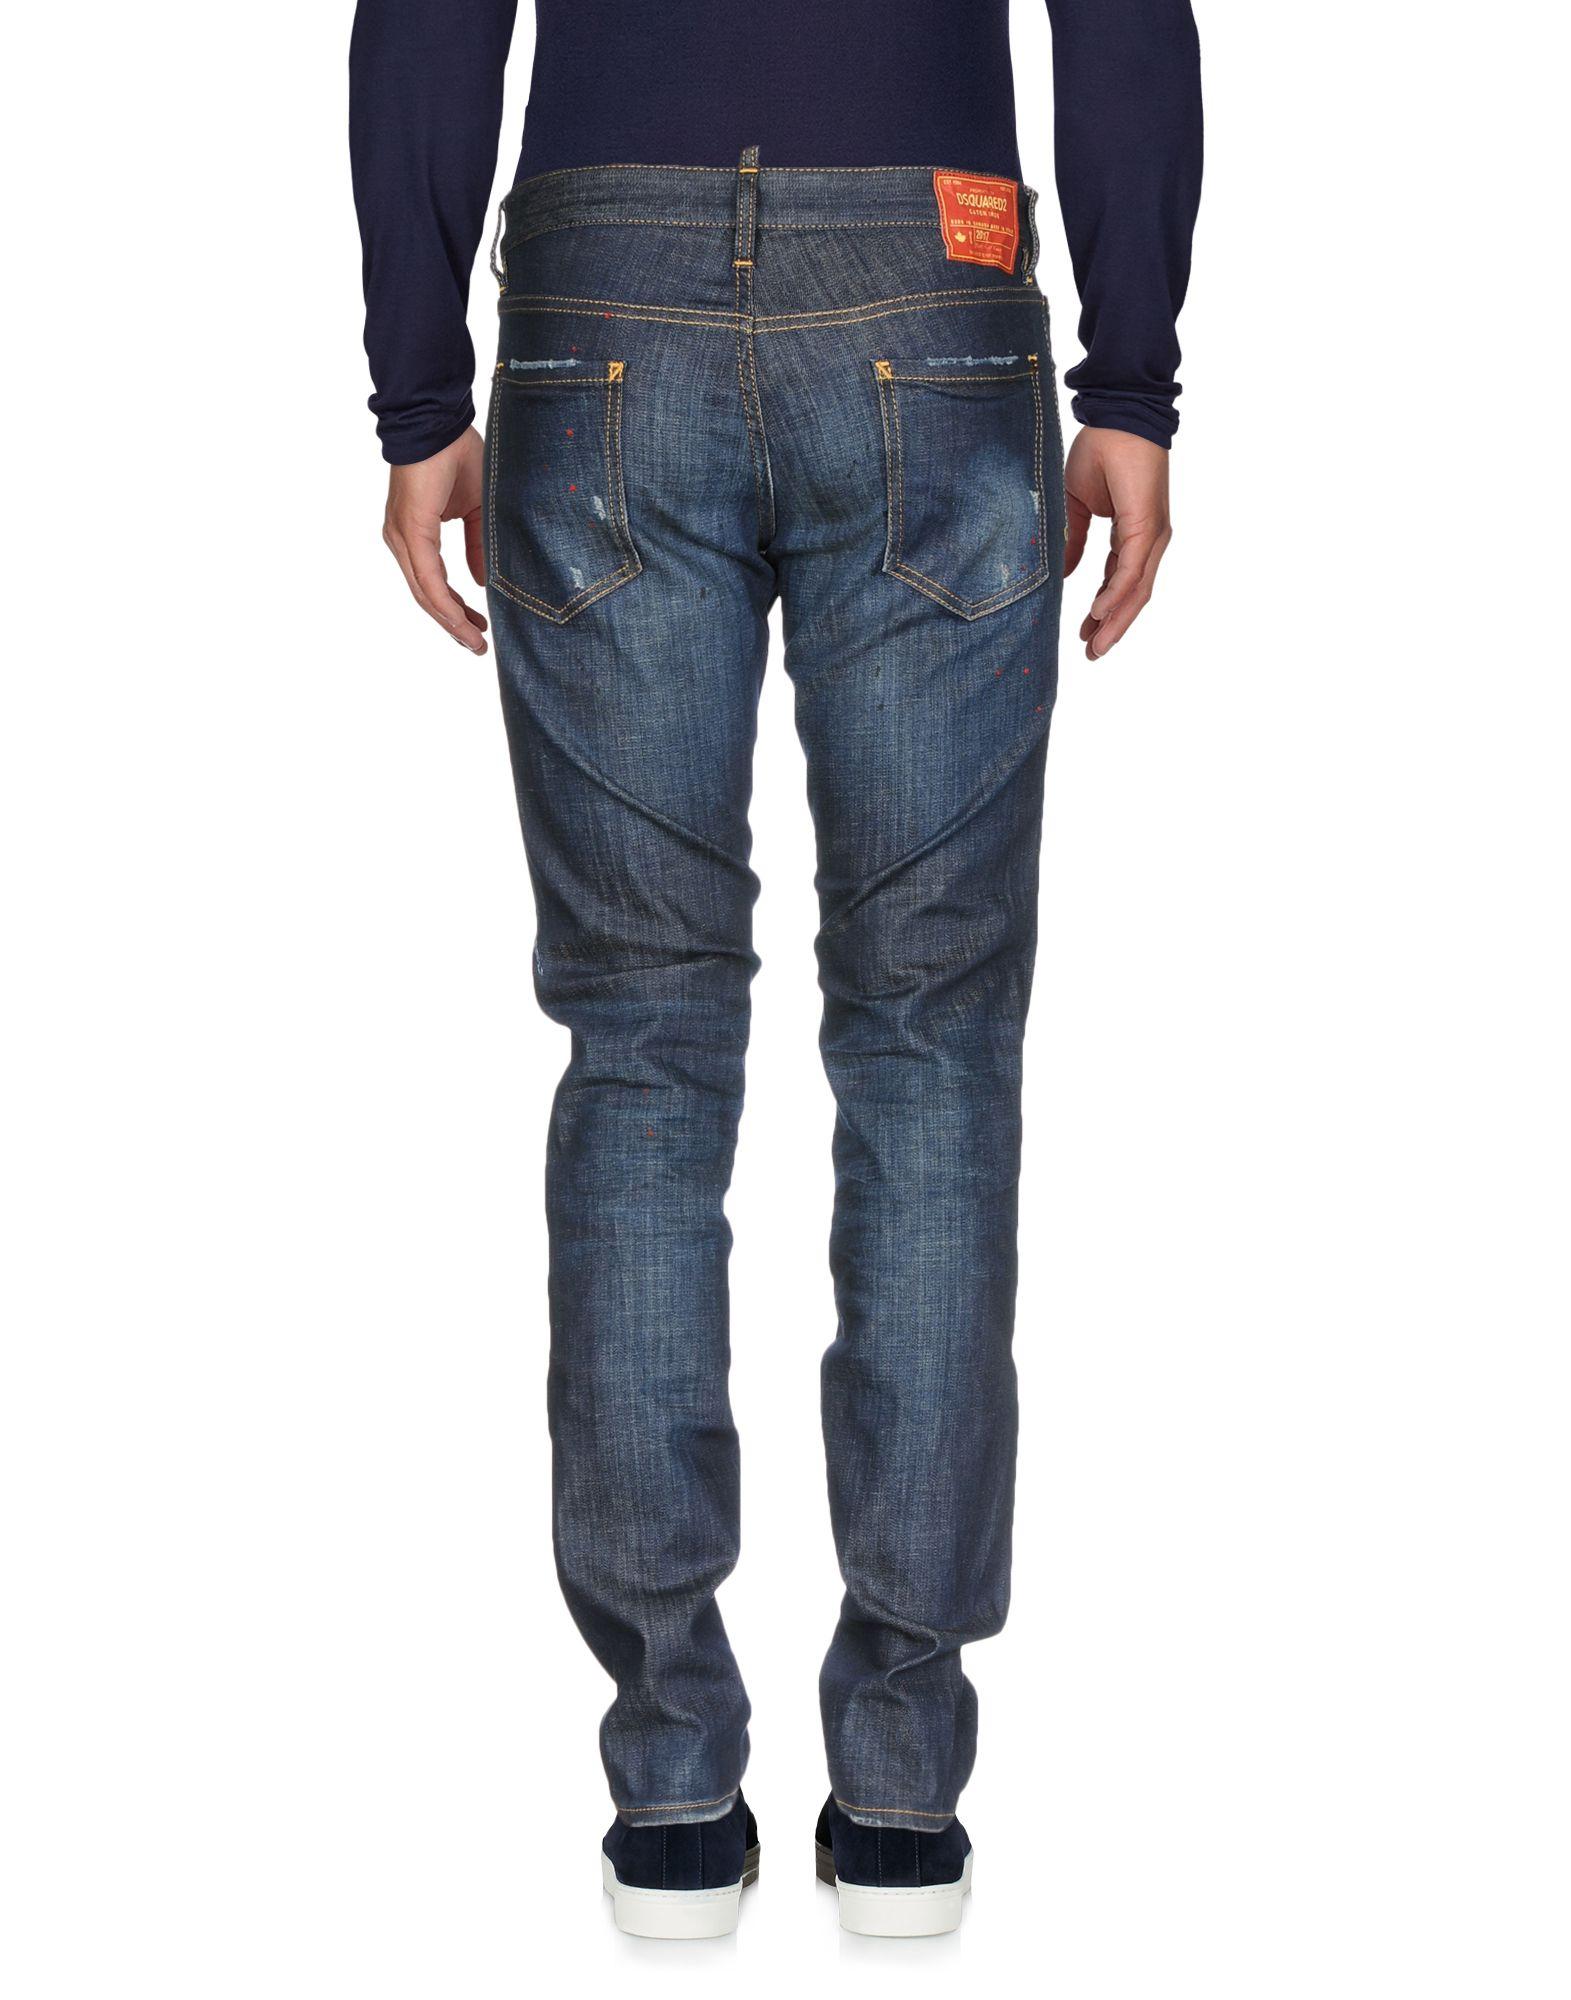 Pantaloni Jeans Dsquarosso2 Uomo - 42673227RP 42673227RP - 80fb3b